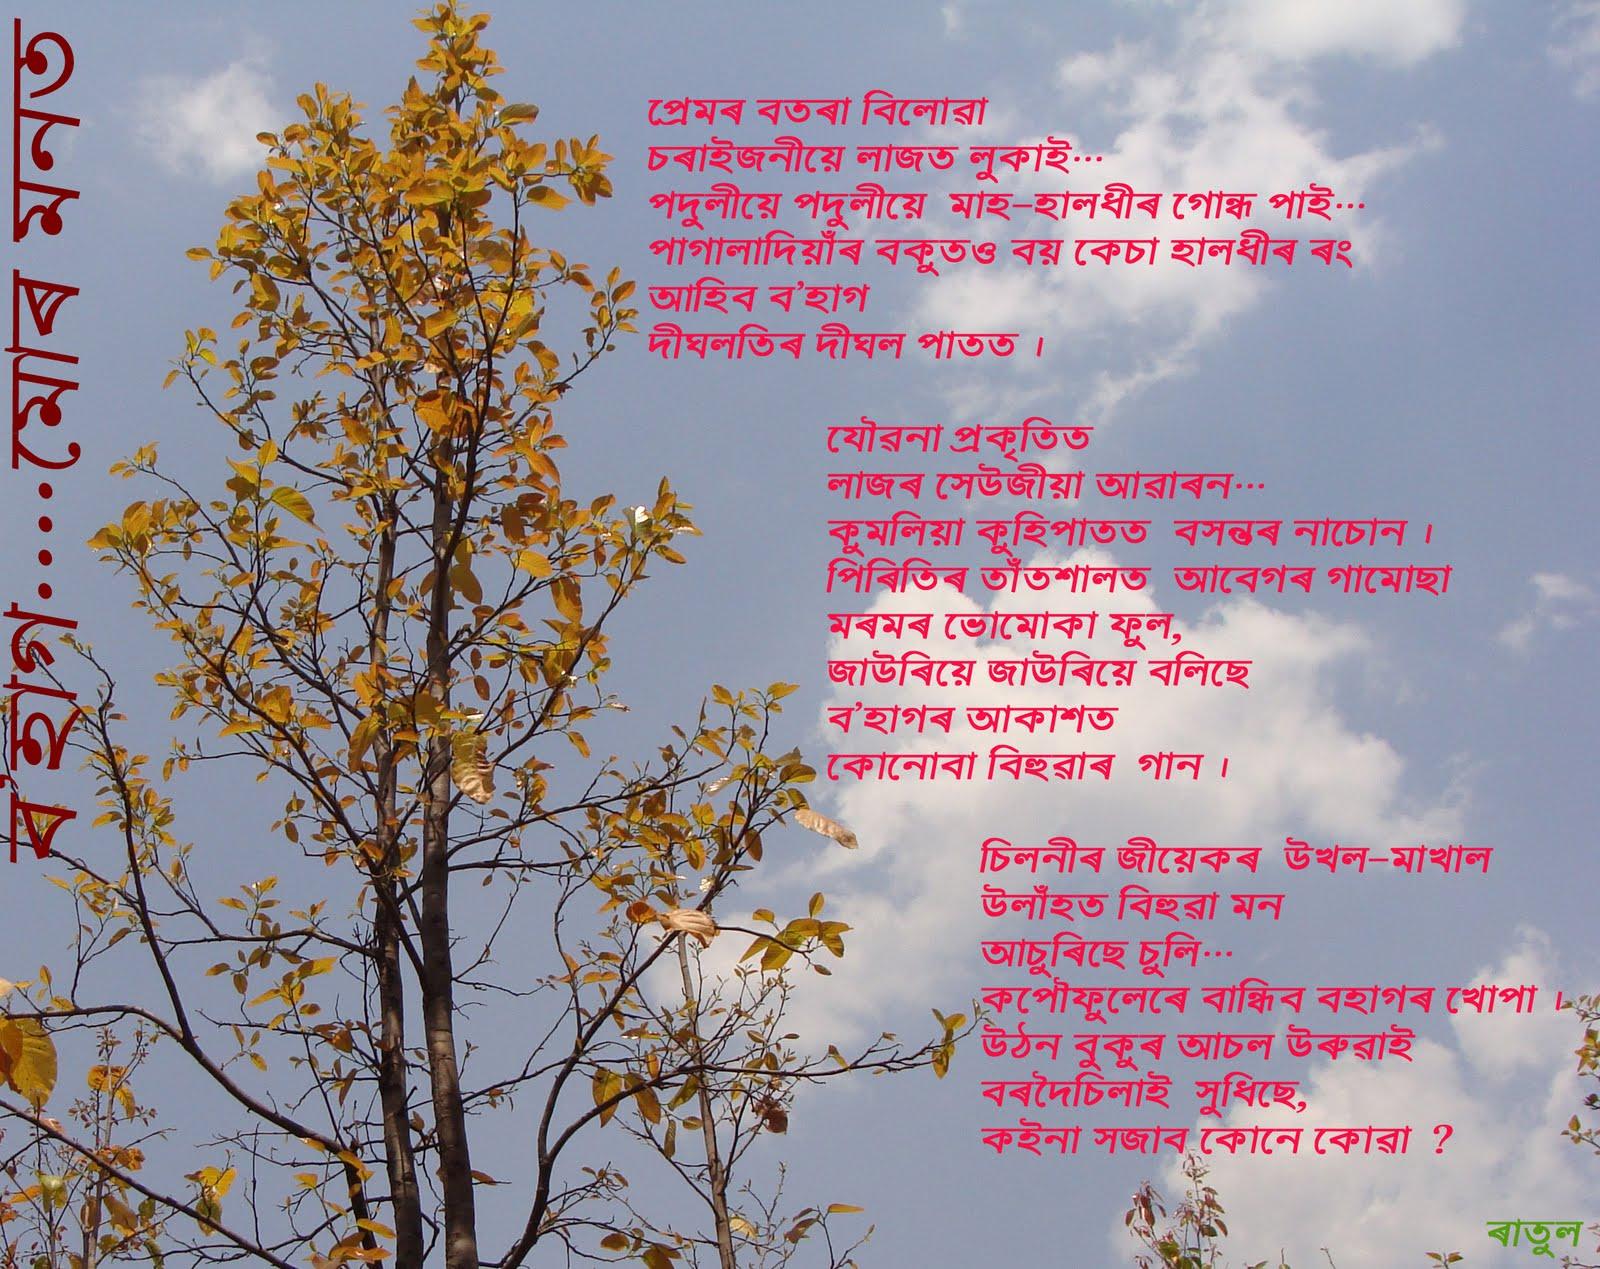 http://4.bp.blogspot.com/-lWOTczrmR4M/TaadiETJ6QI/AAAAAAAAAFQ/ala0VfPaCoI/s1600/Bohag.jpg